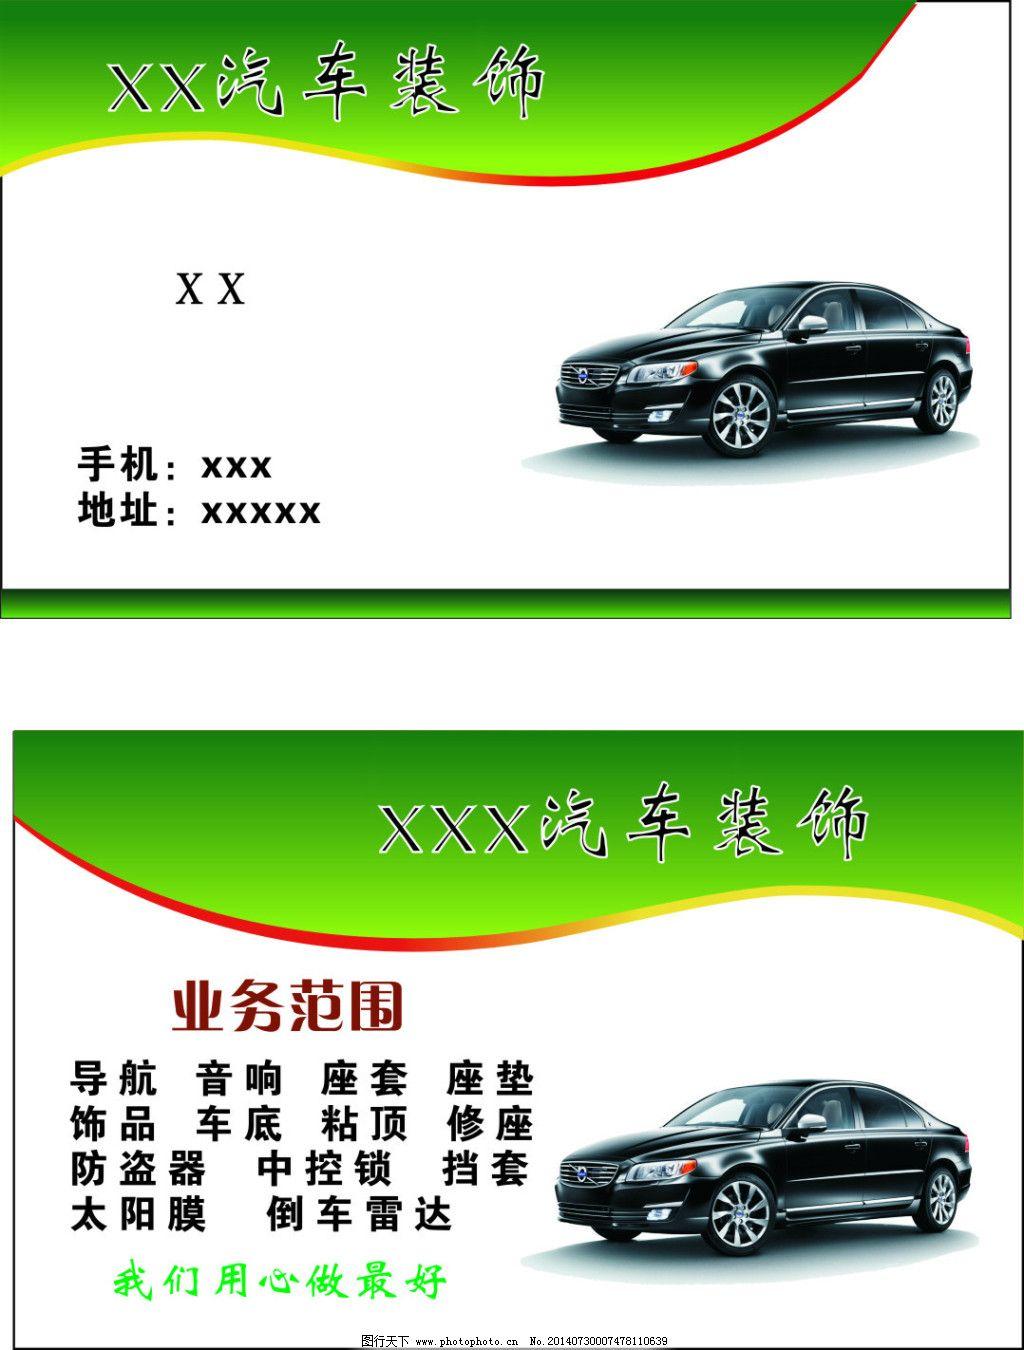 名片 汽车装饰 汽车装饰 名片 洗车店 名片|卡 广告设计名片